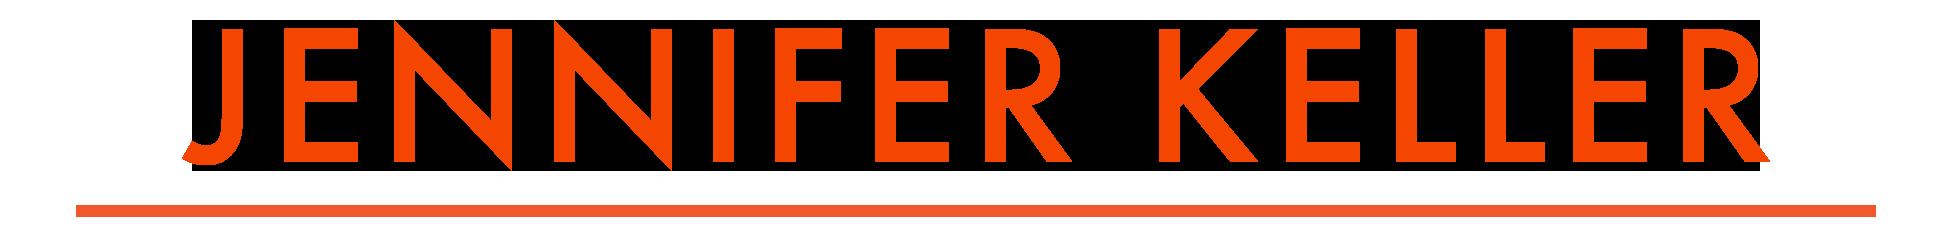 Jennifer Keller-2 .png